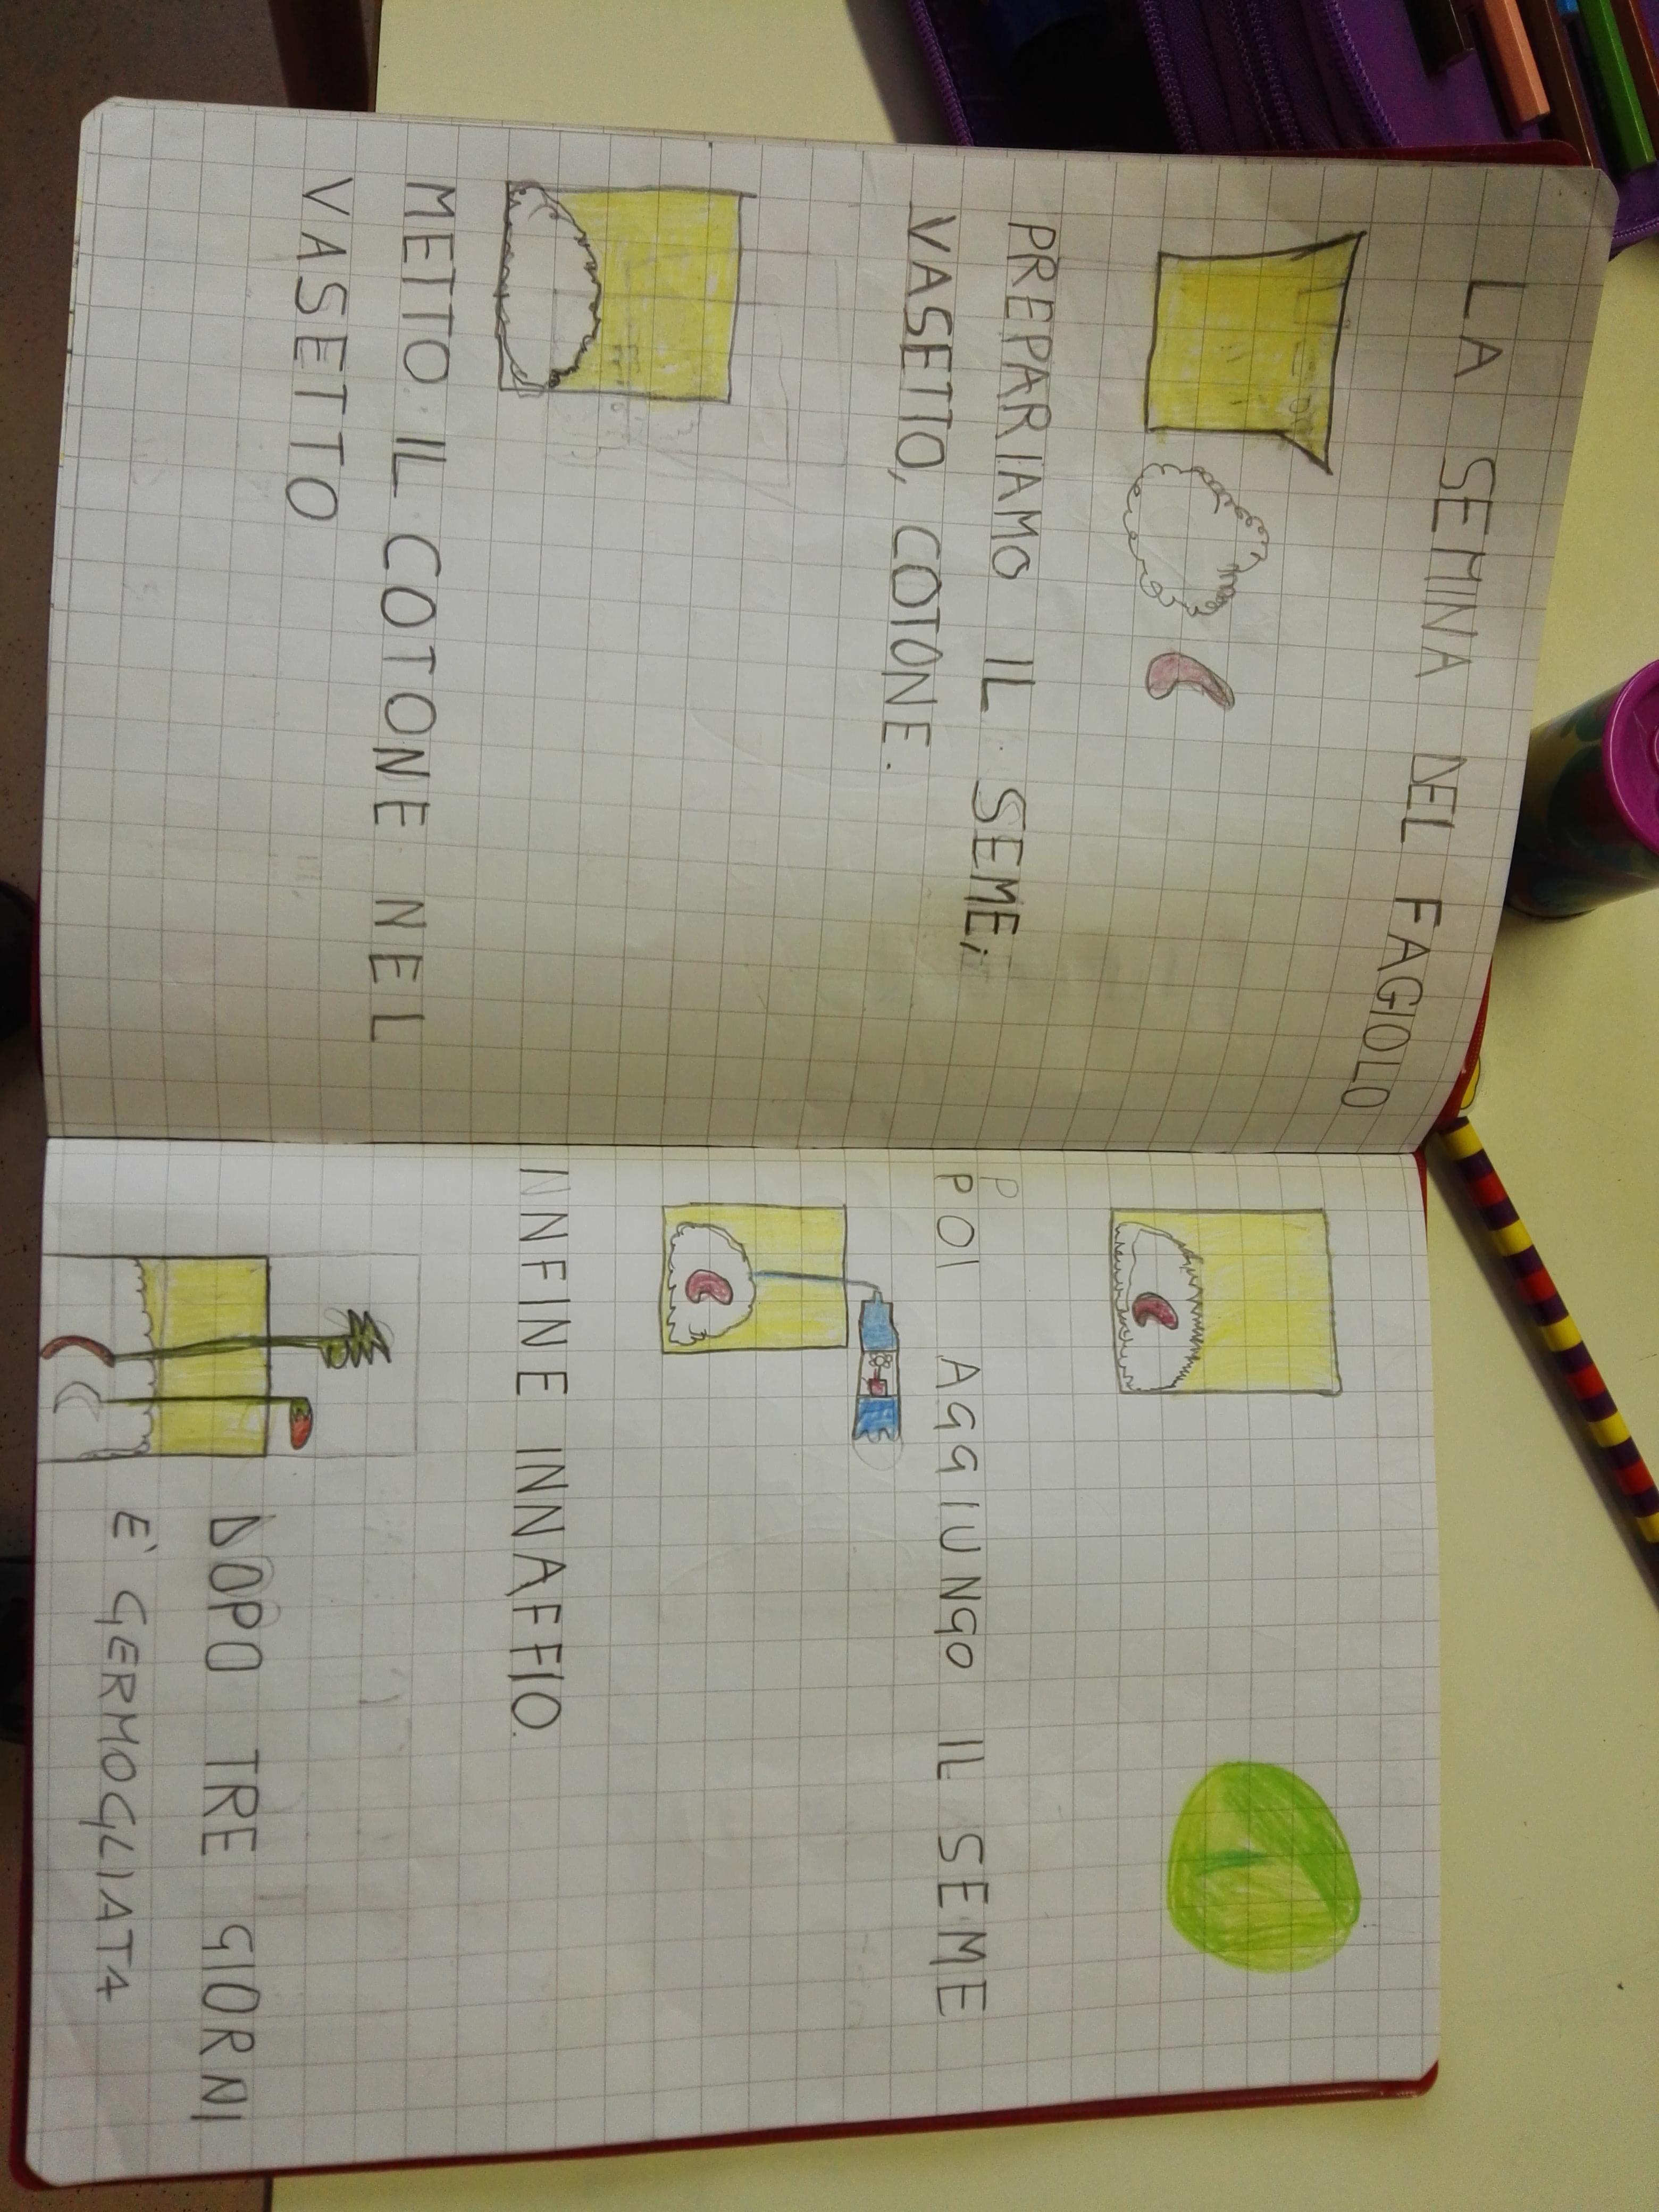 IL PERCORSO DELLA SEMINA by E - Illustrated by Gli alunni delle classi prime, aiutati dalla maestra Elvira. ANNO SCOLASTICO '18-'19 - Ourboox.com